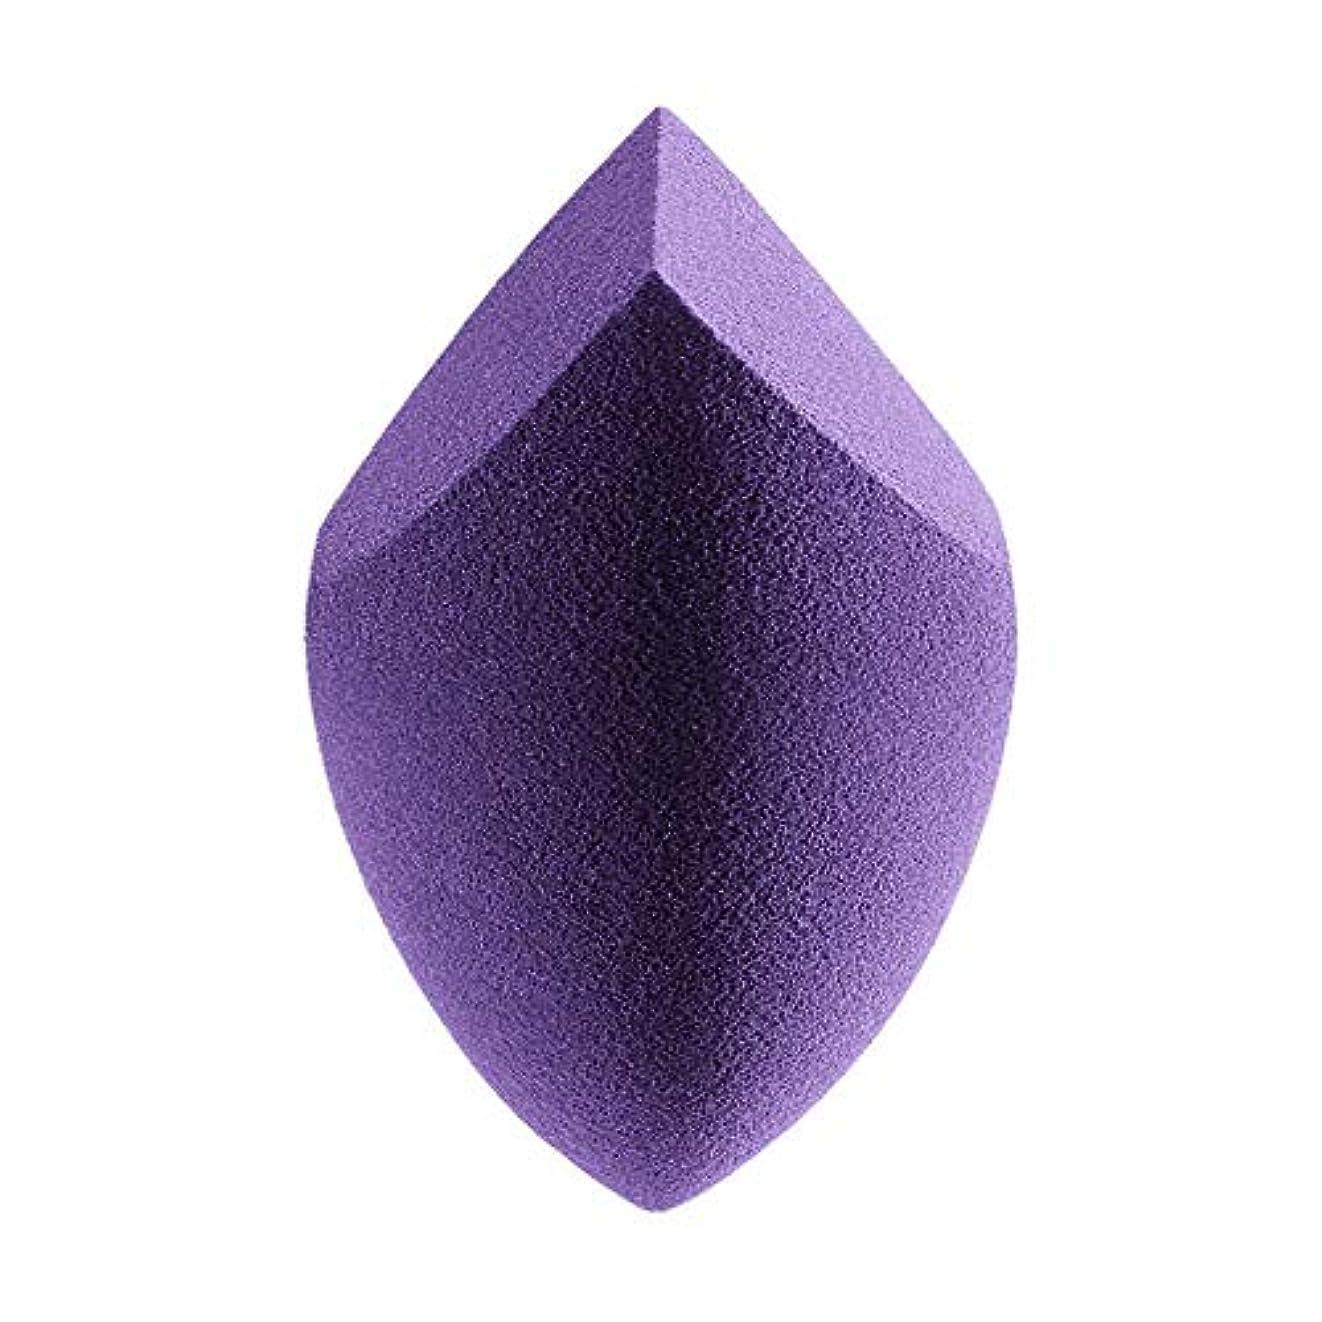 かける慎重にBrill(ブリーオ) メイクアップスポンジ ふわふわ 化粧品パフ ファンデーション メイクアップ 吸水パウダーパフ 初心者 美容院 化粧道具